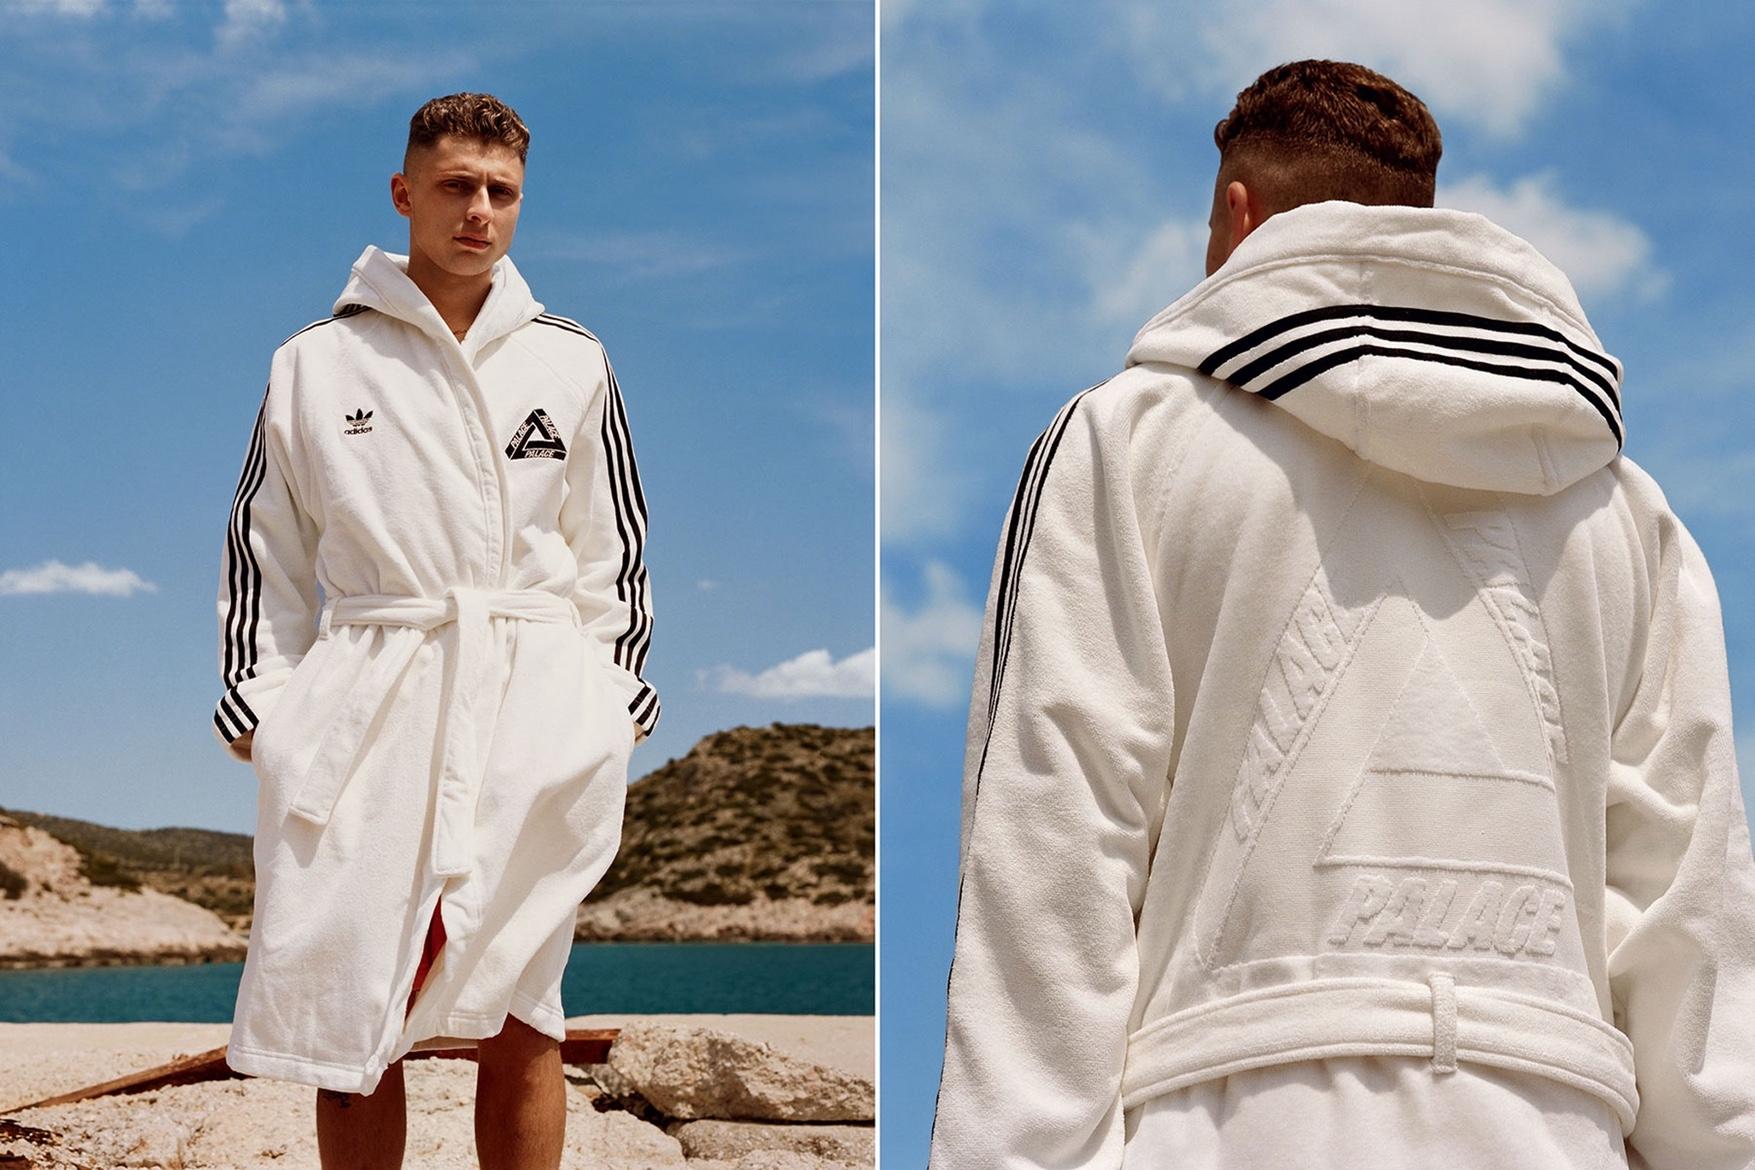 浴袍最搶眼!Adidas Originals X Palace 2017 夏季聯乘系列